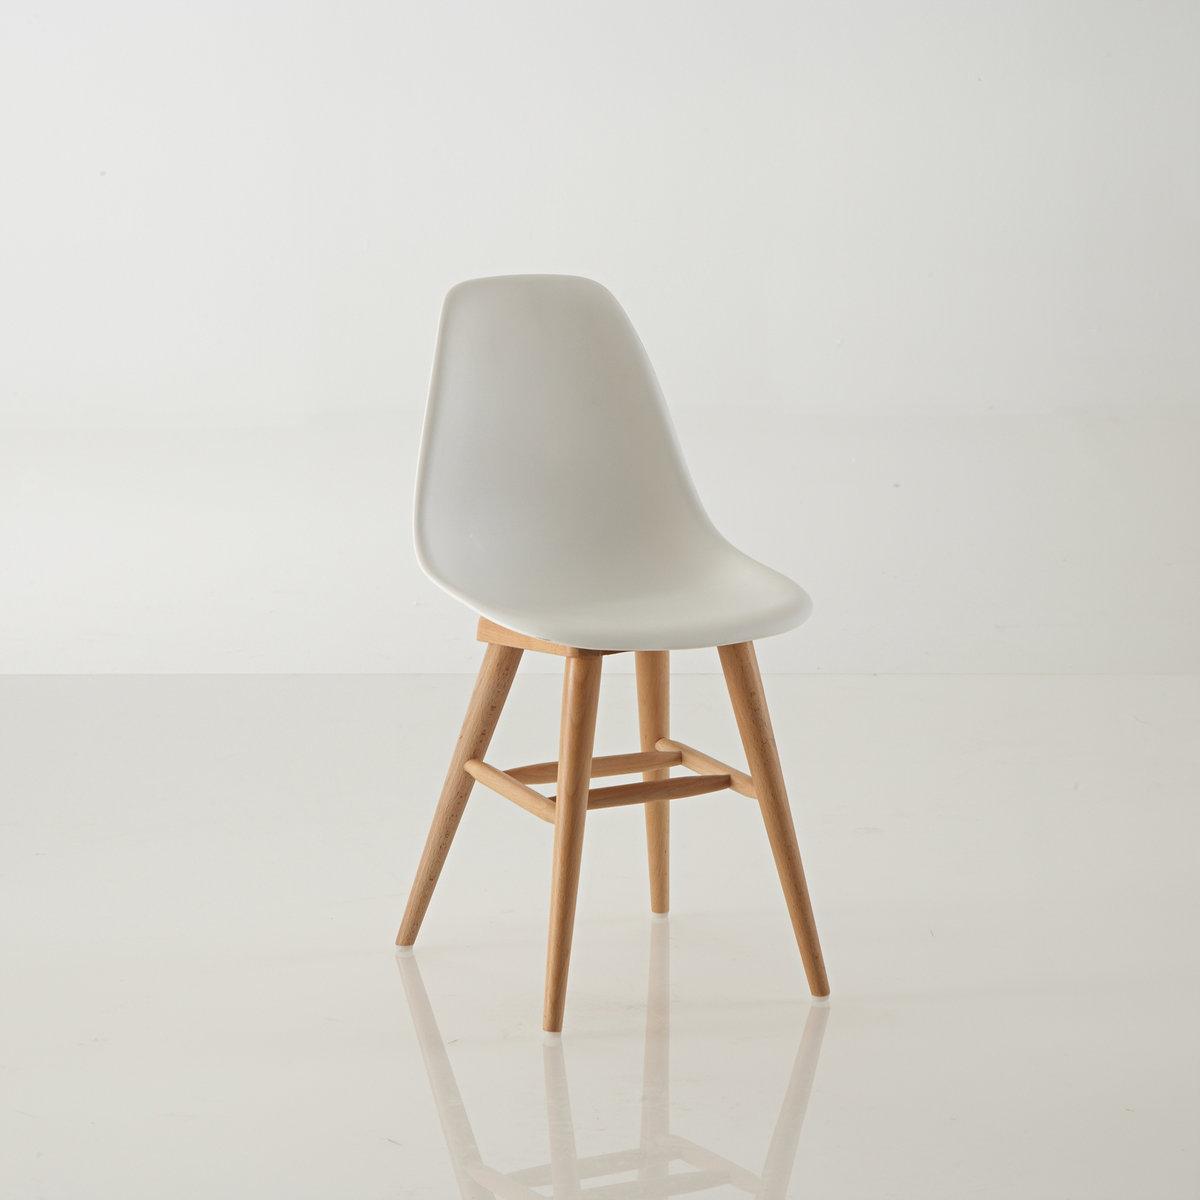 Стул с пластиковым покрытием детский, JimiХарактеристики детского стула Jimi:Покрытие из пластика.Сиденье из АБС*Ножки из бука с НЦ-лакировкой.Пластиковые вставки на ножках.* Акрилонитрил бутадиен стирол или АБС - термопластичный полимер, обладающий хорошей устойчивостью к ударам, относительно жесткий и легкий, который можно отливать в формах . Относится к классу стироловых полимеров.Это вторично перерабатываемый материал.Благодаря своим хорошим свойствам таким, как красивый внешний вид, габаритная стабильность, простая окраска, АБС часто применяют в качестве покрытия в области производства электро-бытовой техники, игрушек, дорожных чемоданов и в области телефонии.Вся коллекция   Jimi на сайте laredoute.ru.Размеры детского стула Jimi:Длина: 31 смВысота: 60,5 смГлубина: 35 смВысота сиденья: 33 смРазмеры упаковки:1 упаковка37 x 41 x 36 см 3,1 кгДоставка на домДетский стул Jimi продается готовым к сборке Ваш товар будет доставлен по назначению, прямо на этажВнимание! Пожалуйста, убедитесь, что упаковка пройдет через проемы (двери, лестницы, лифты)<br><br>Цвет: белый